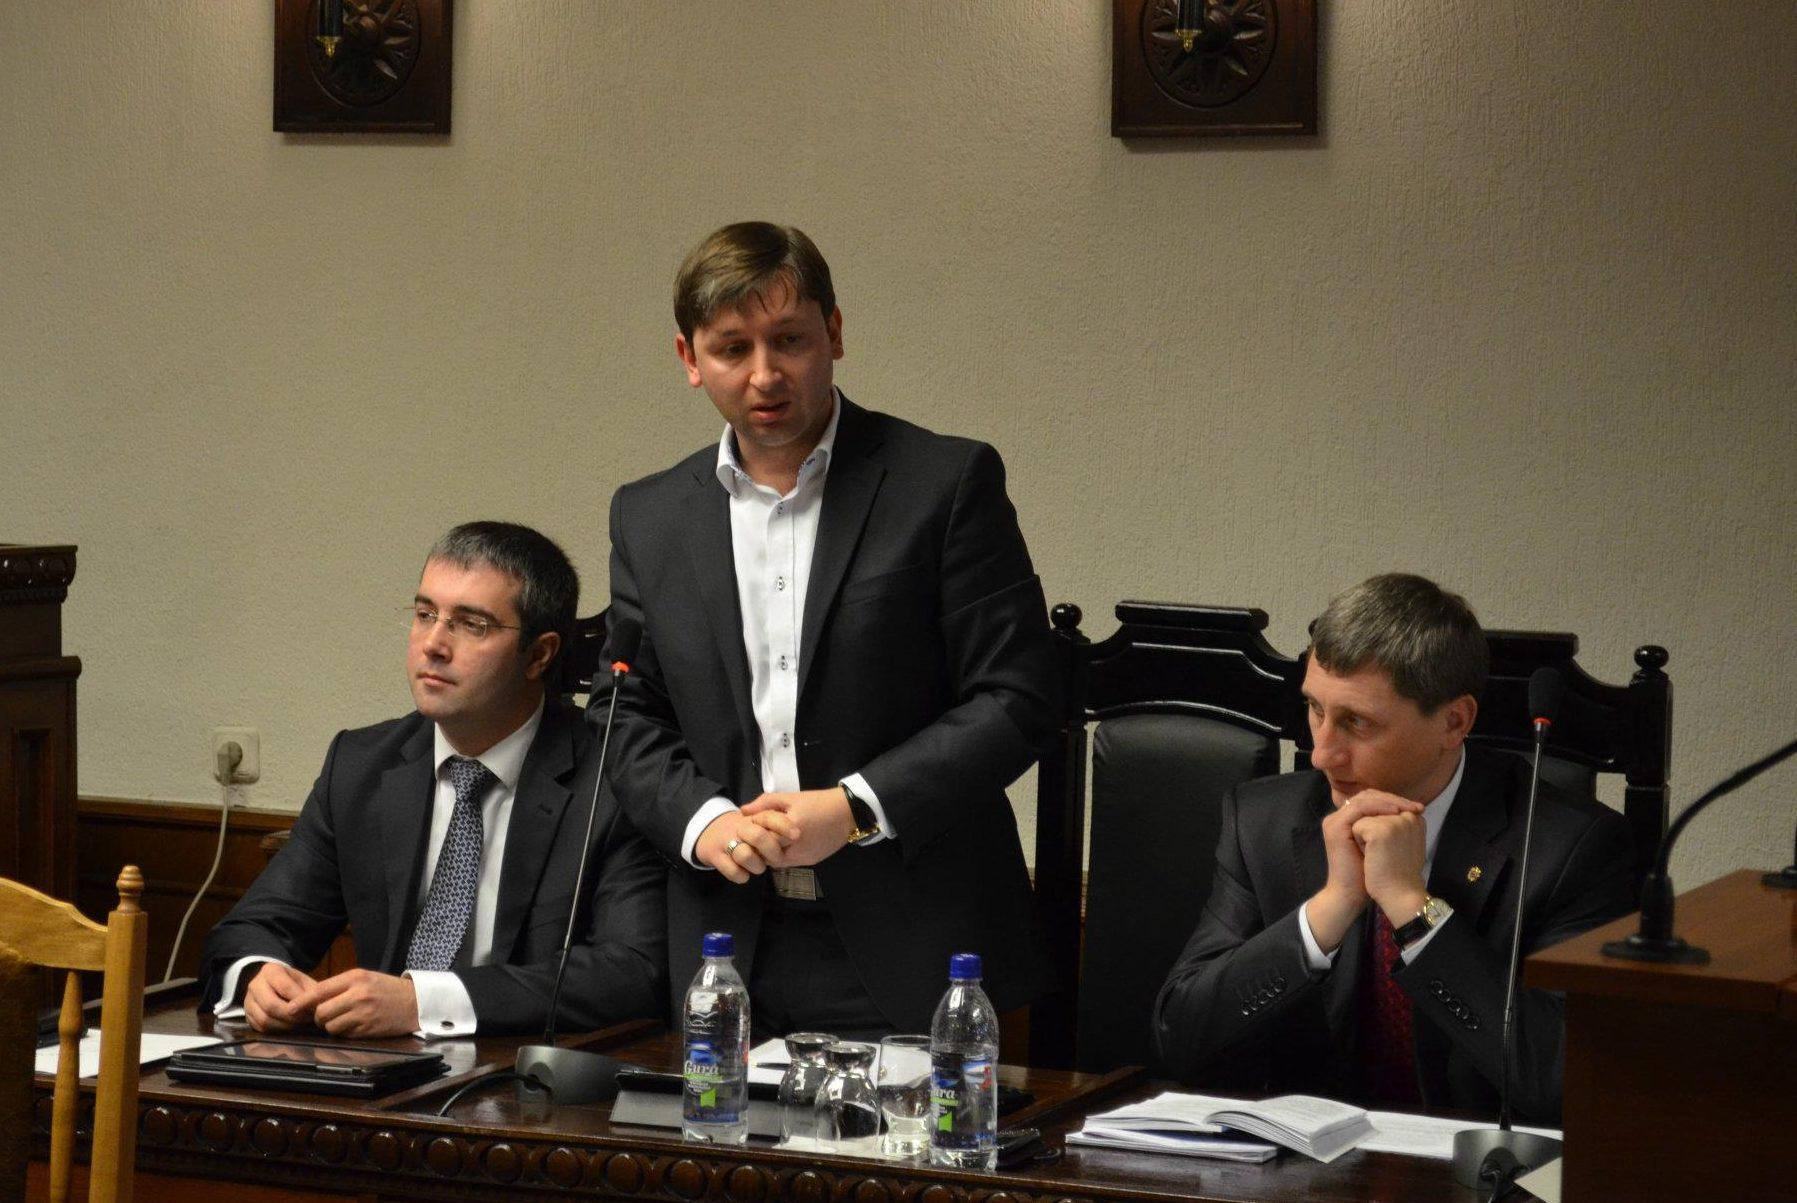 După Gurin, Reșetnicov! Guvernul l-a desemnat pe fostul șef SIS la funcția de judecător al CC